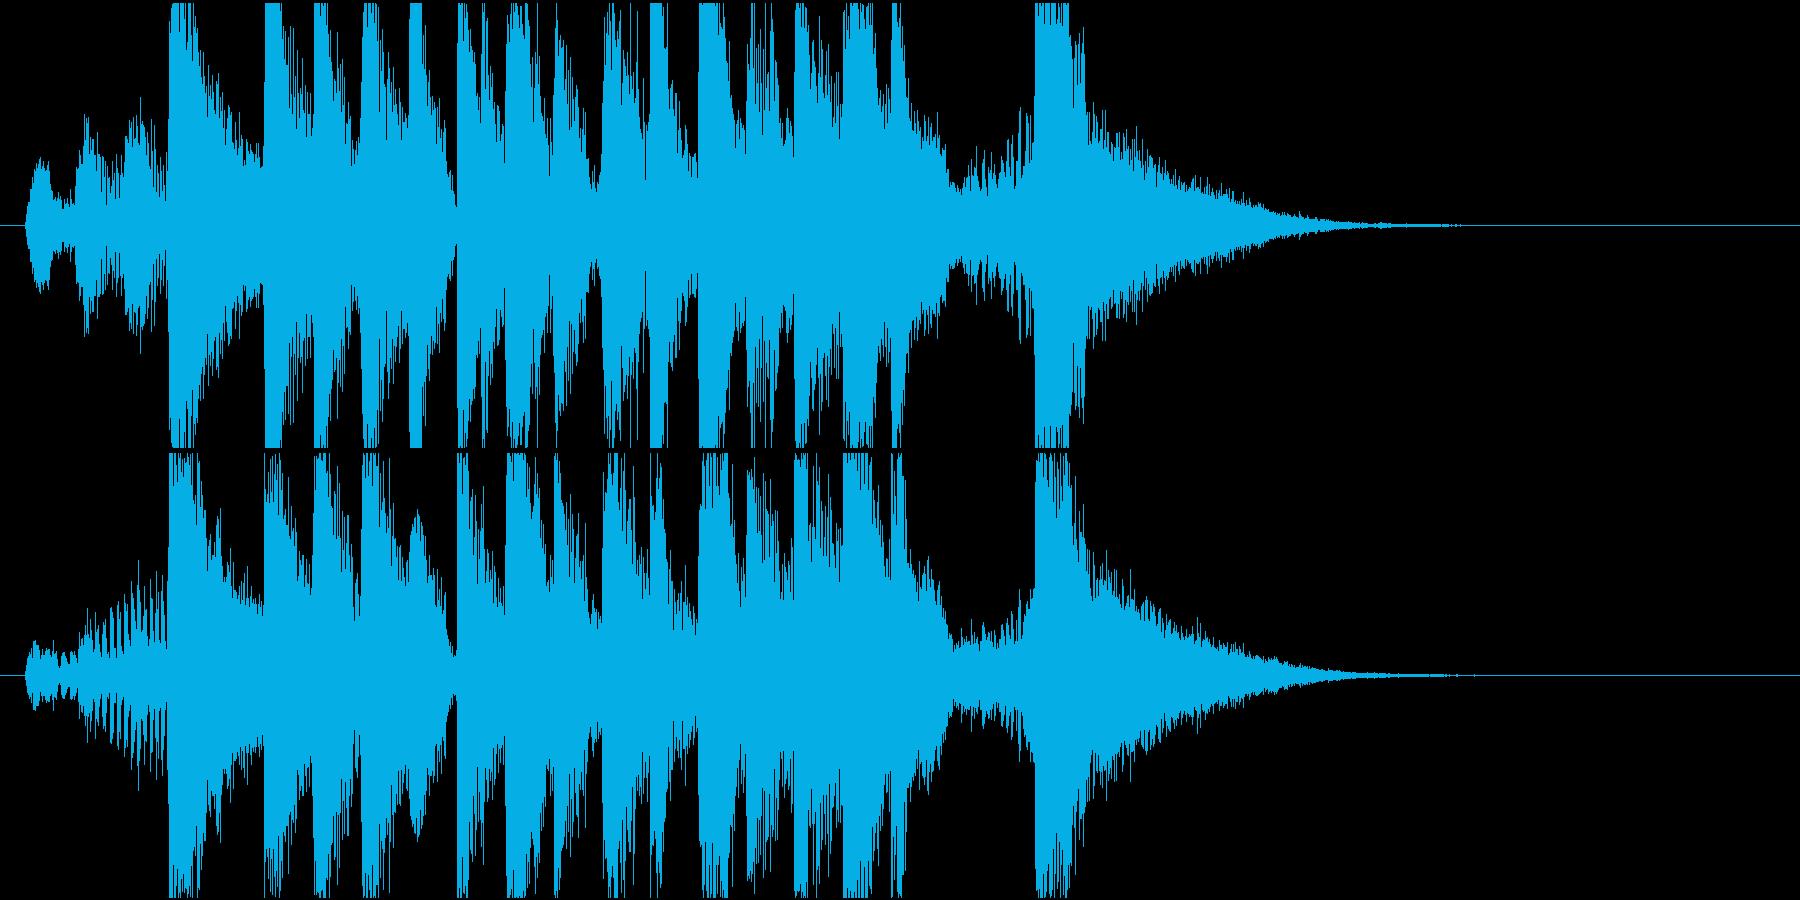 アニメ風のかわいいアイキャッチ その2の再生済みの波形